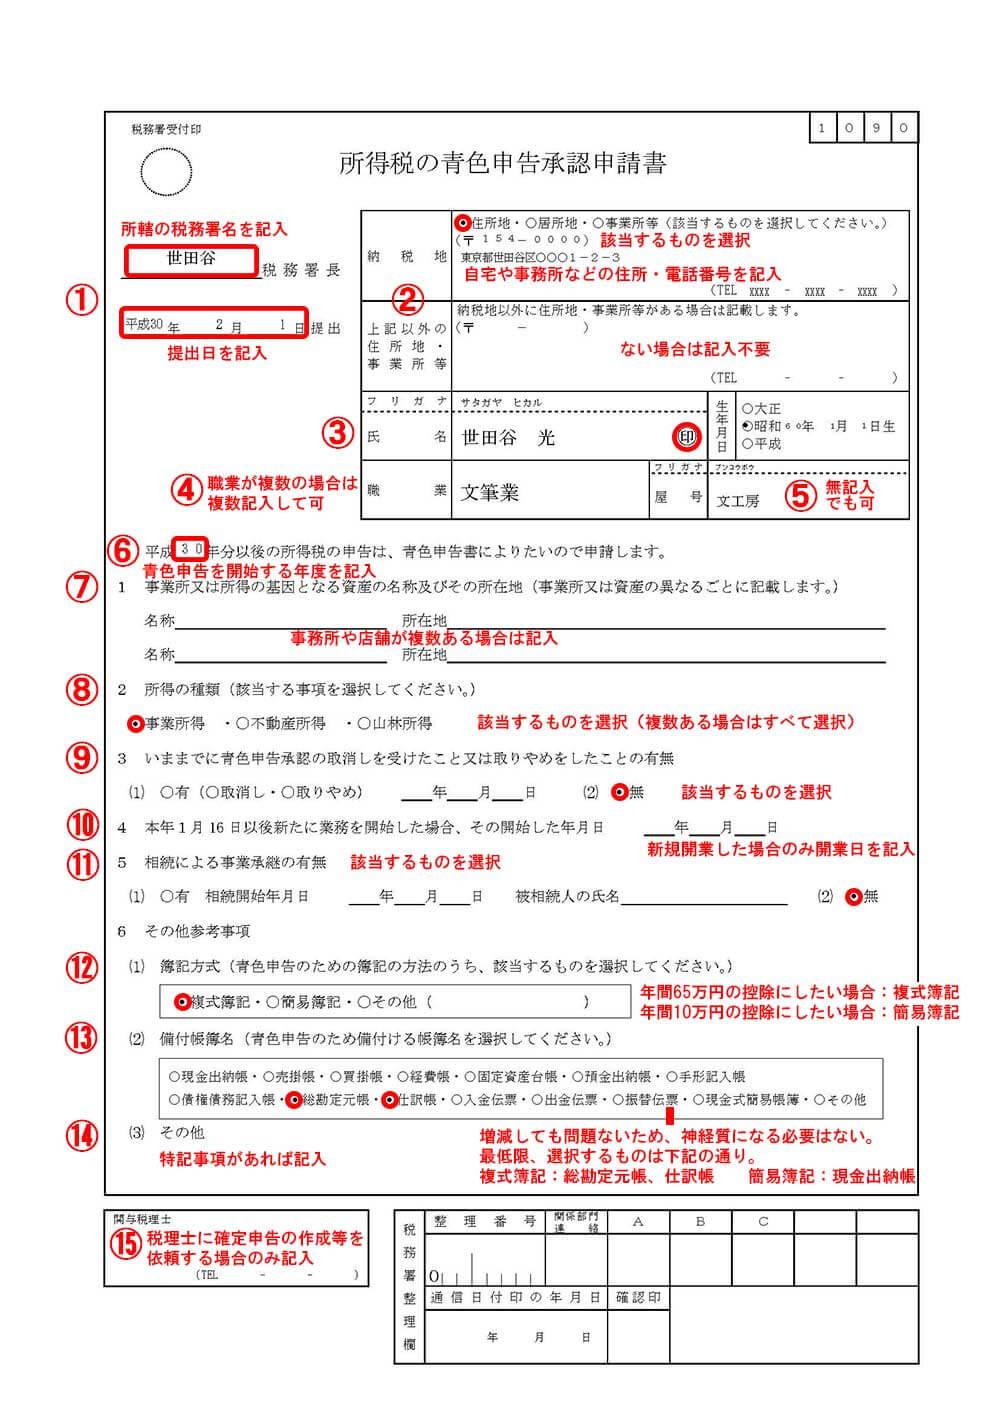 青色申告承認申請書の記入例(見本)